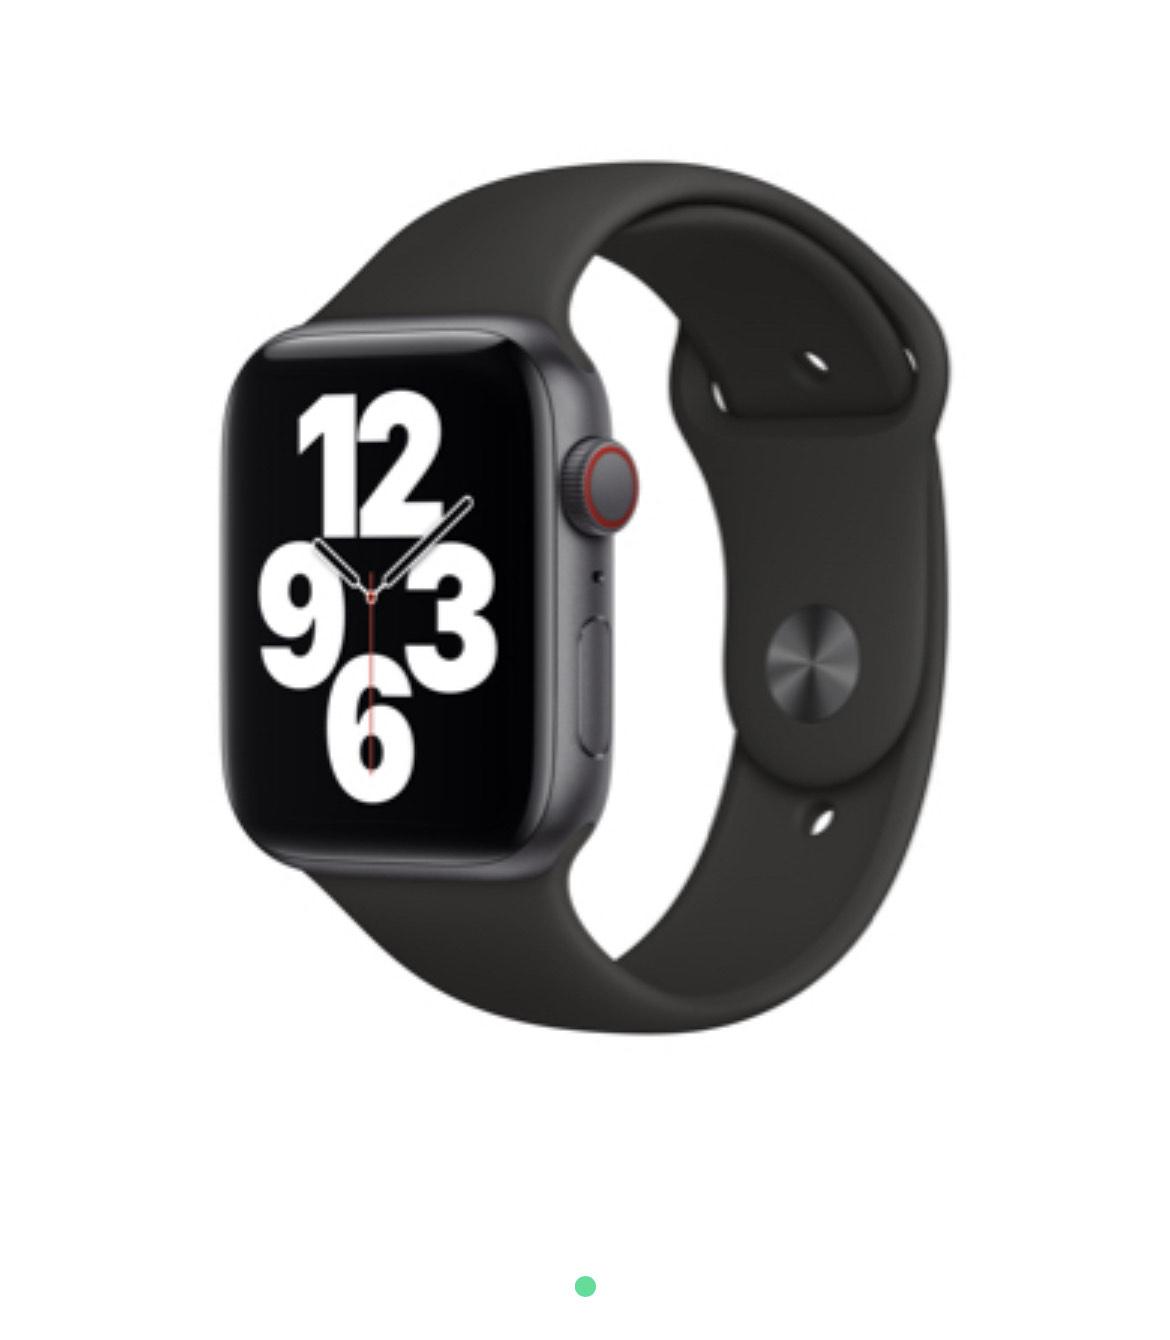 Montre connectée Apple Watch SE 44mm (GPS + Cellular) + option montre connectée (via ODR de 50€ sur la facture)